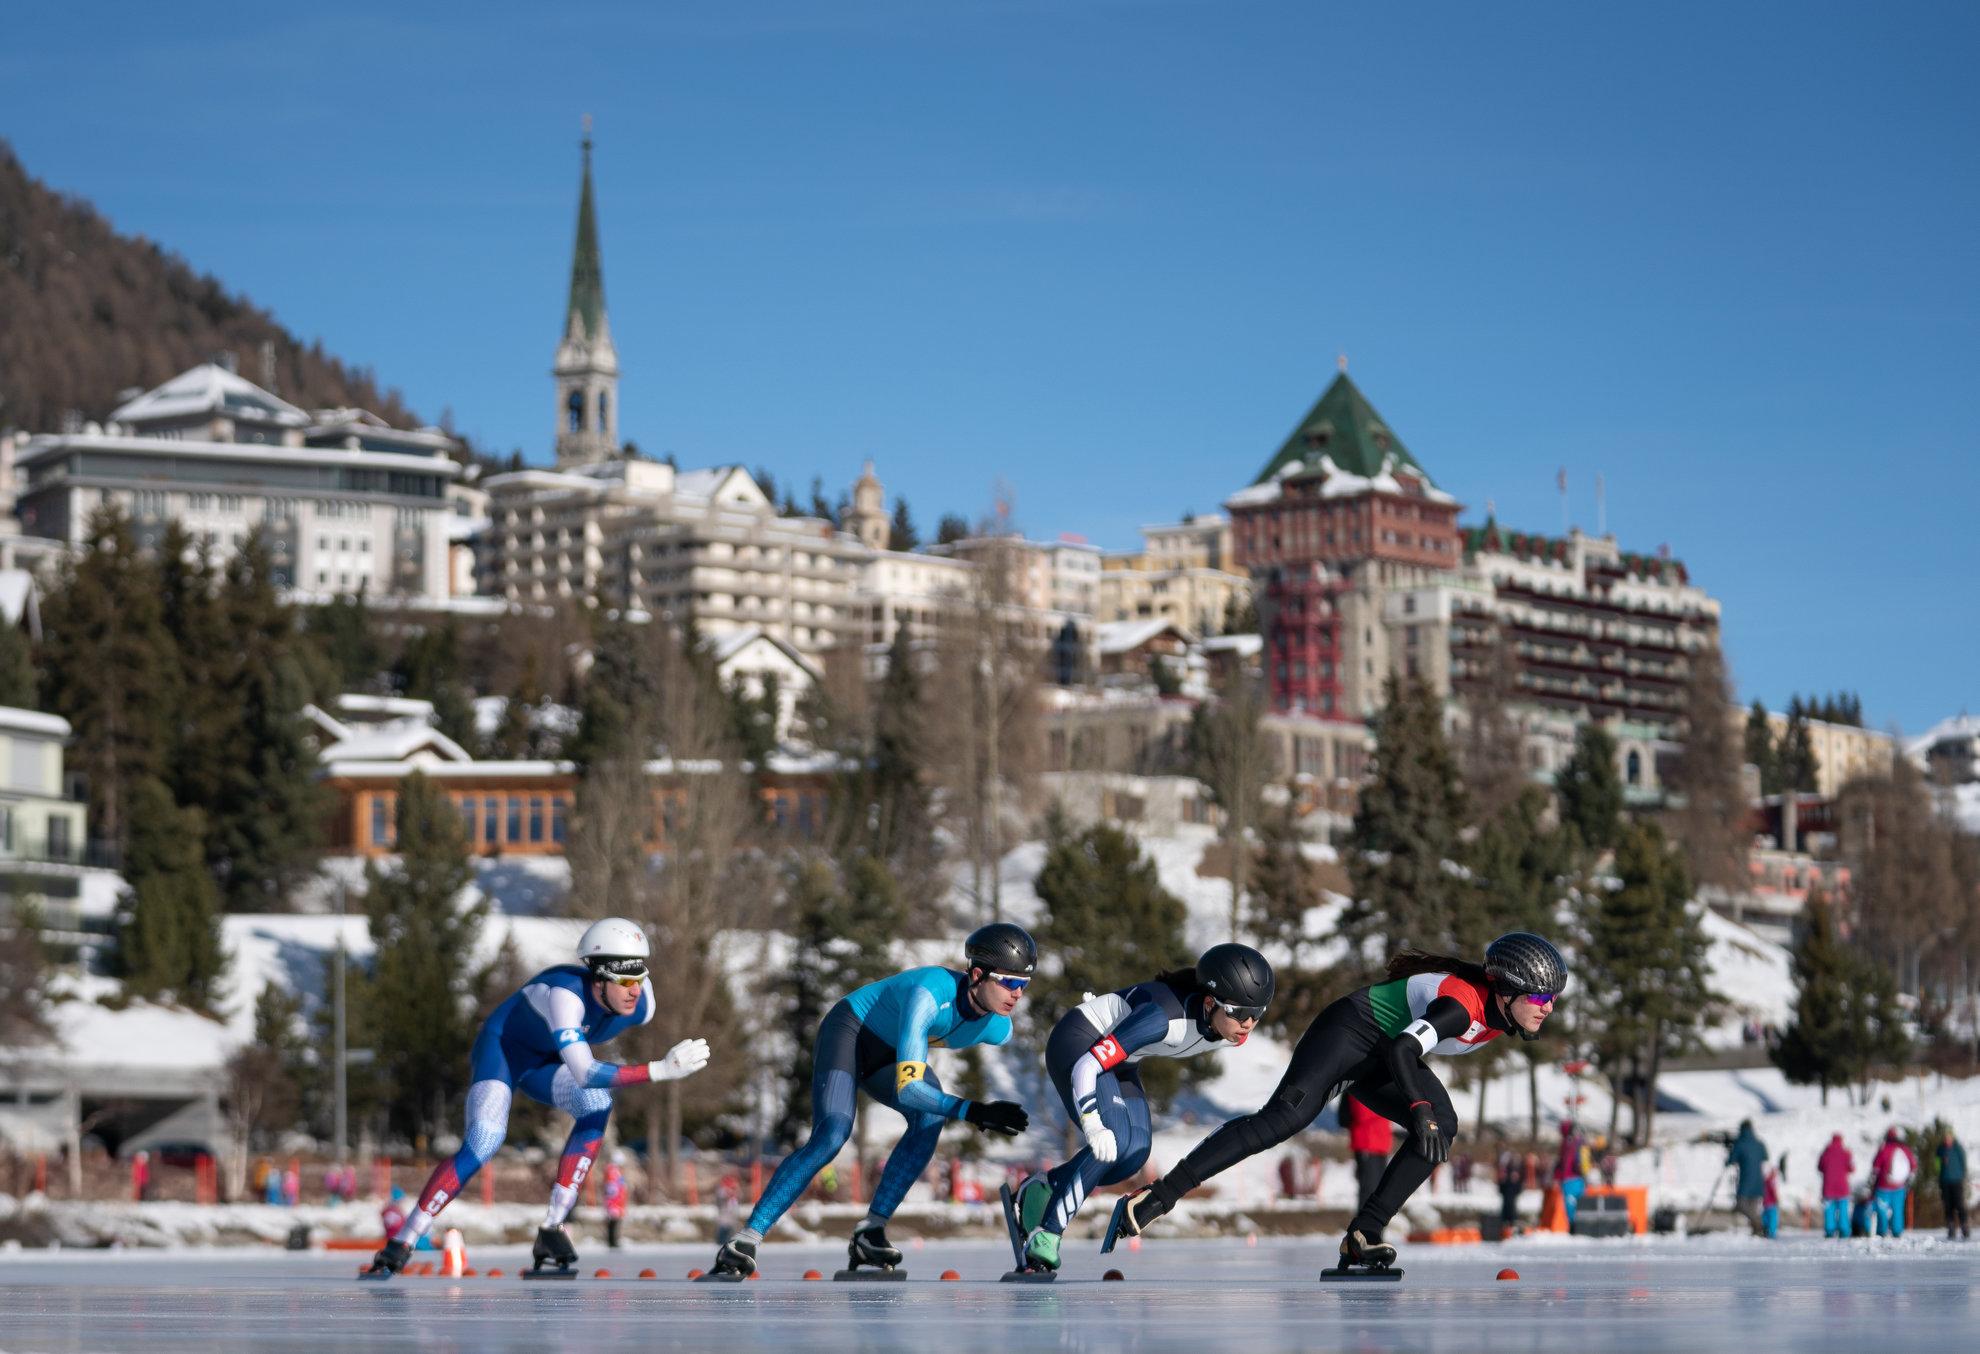 YOG 2020 Lausanne/ St. Moritz